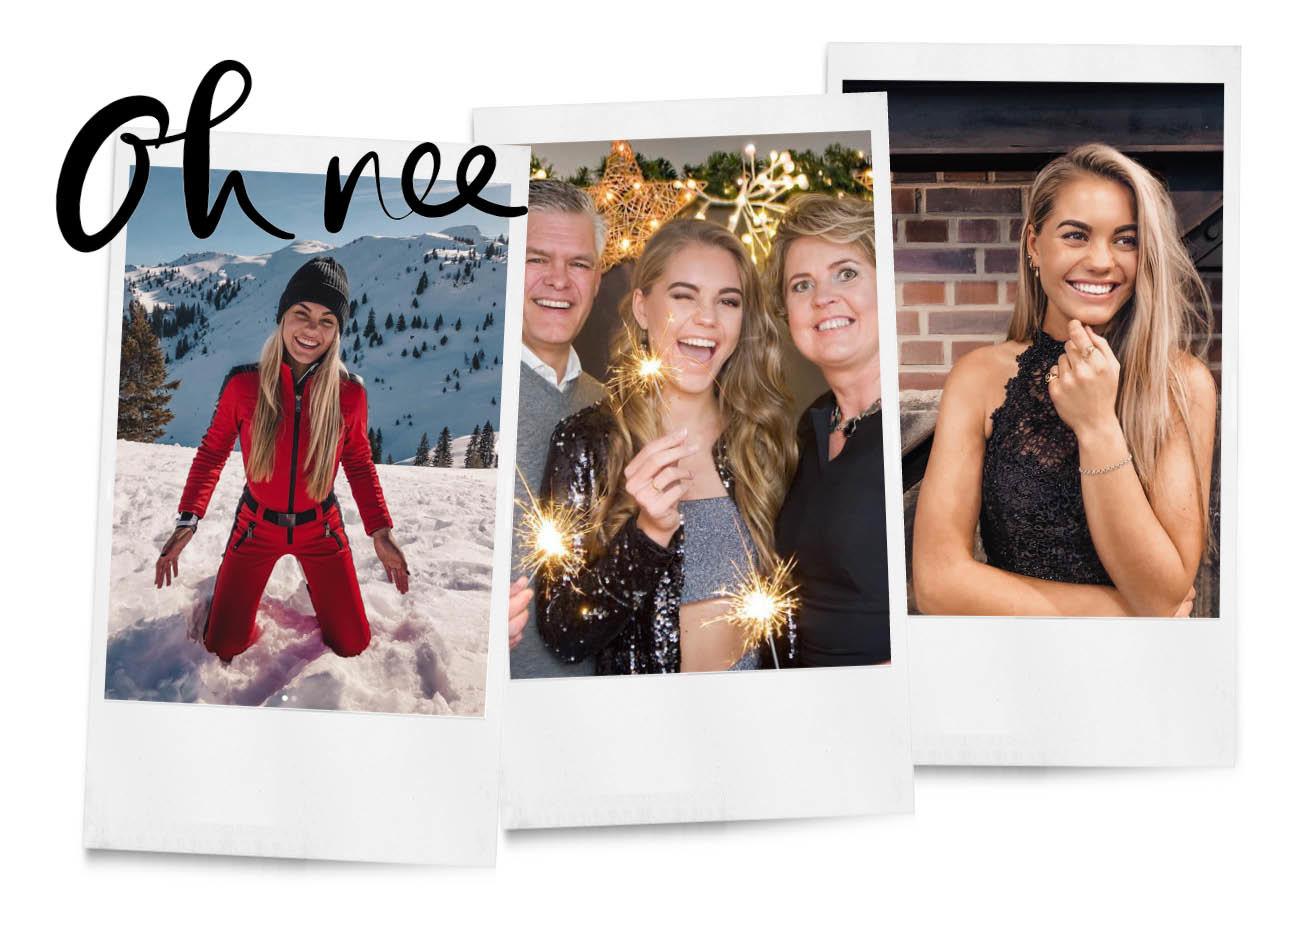 lotte van der Zee overleden foto's met haar ouders en foto van haar tijdens wintersport